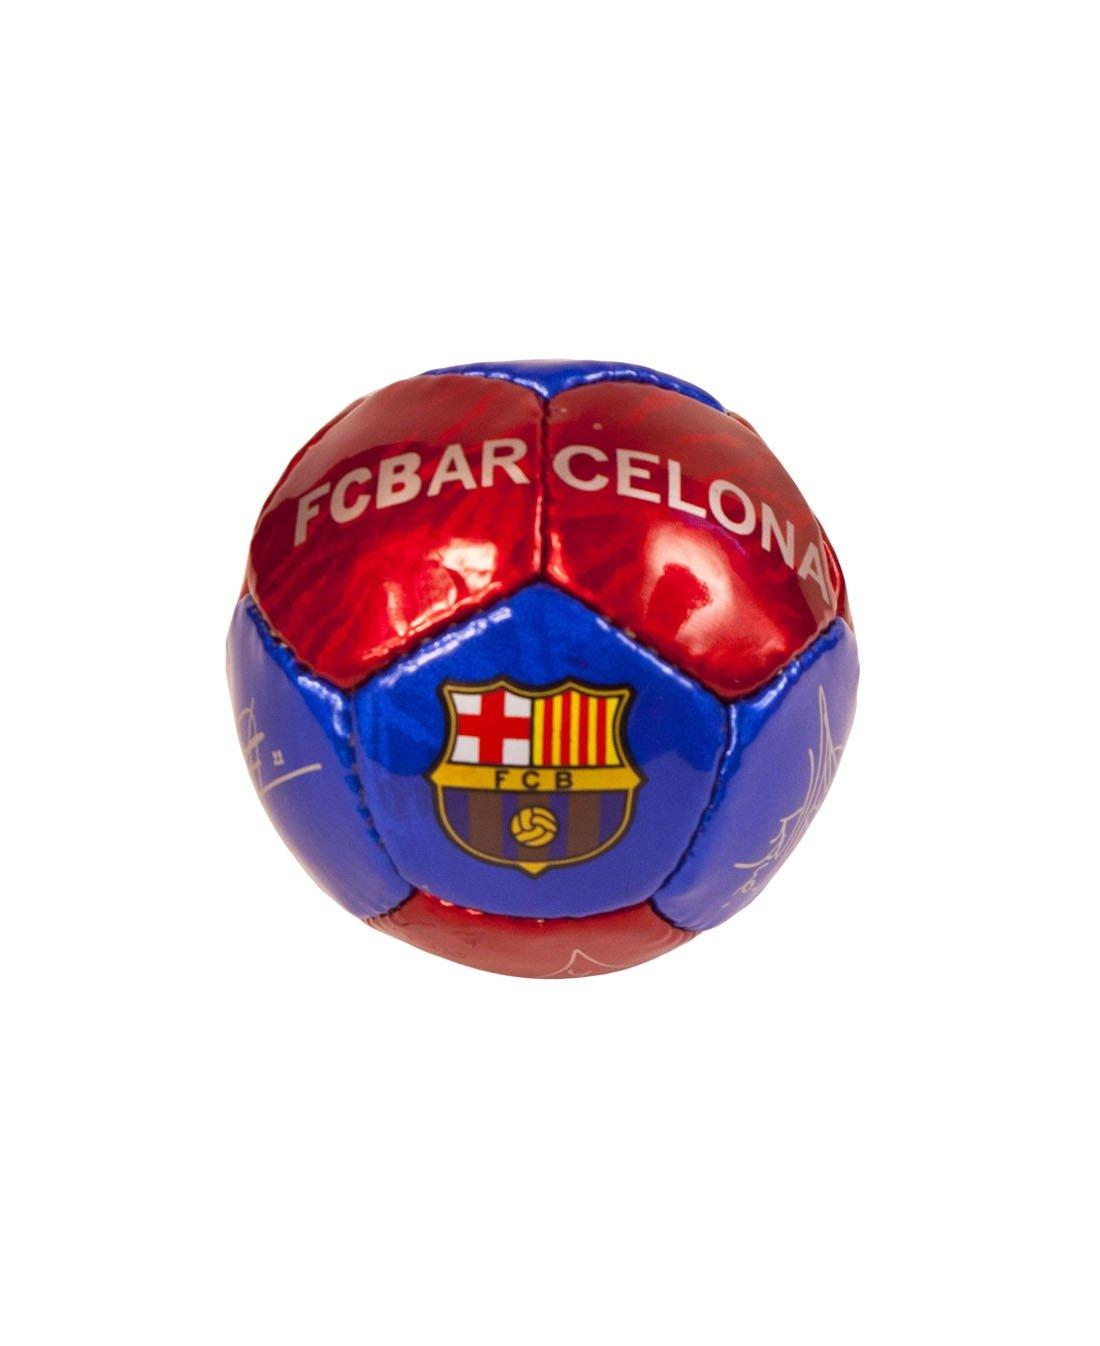 Balon Mediano Firmas Blaungrana FCB: Amazon.es: Juguetes y juegos